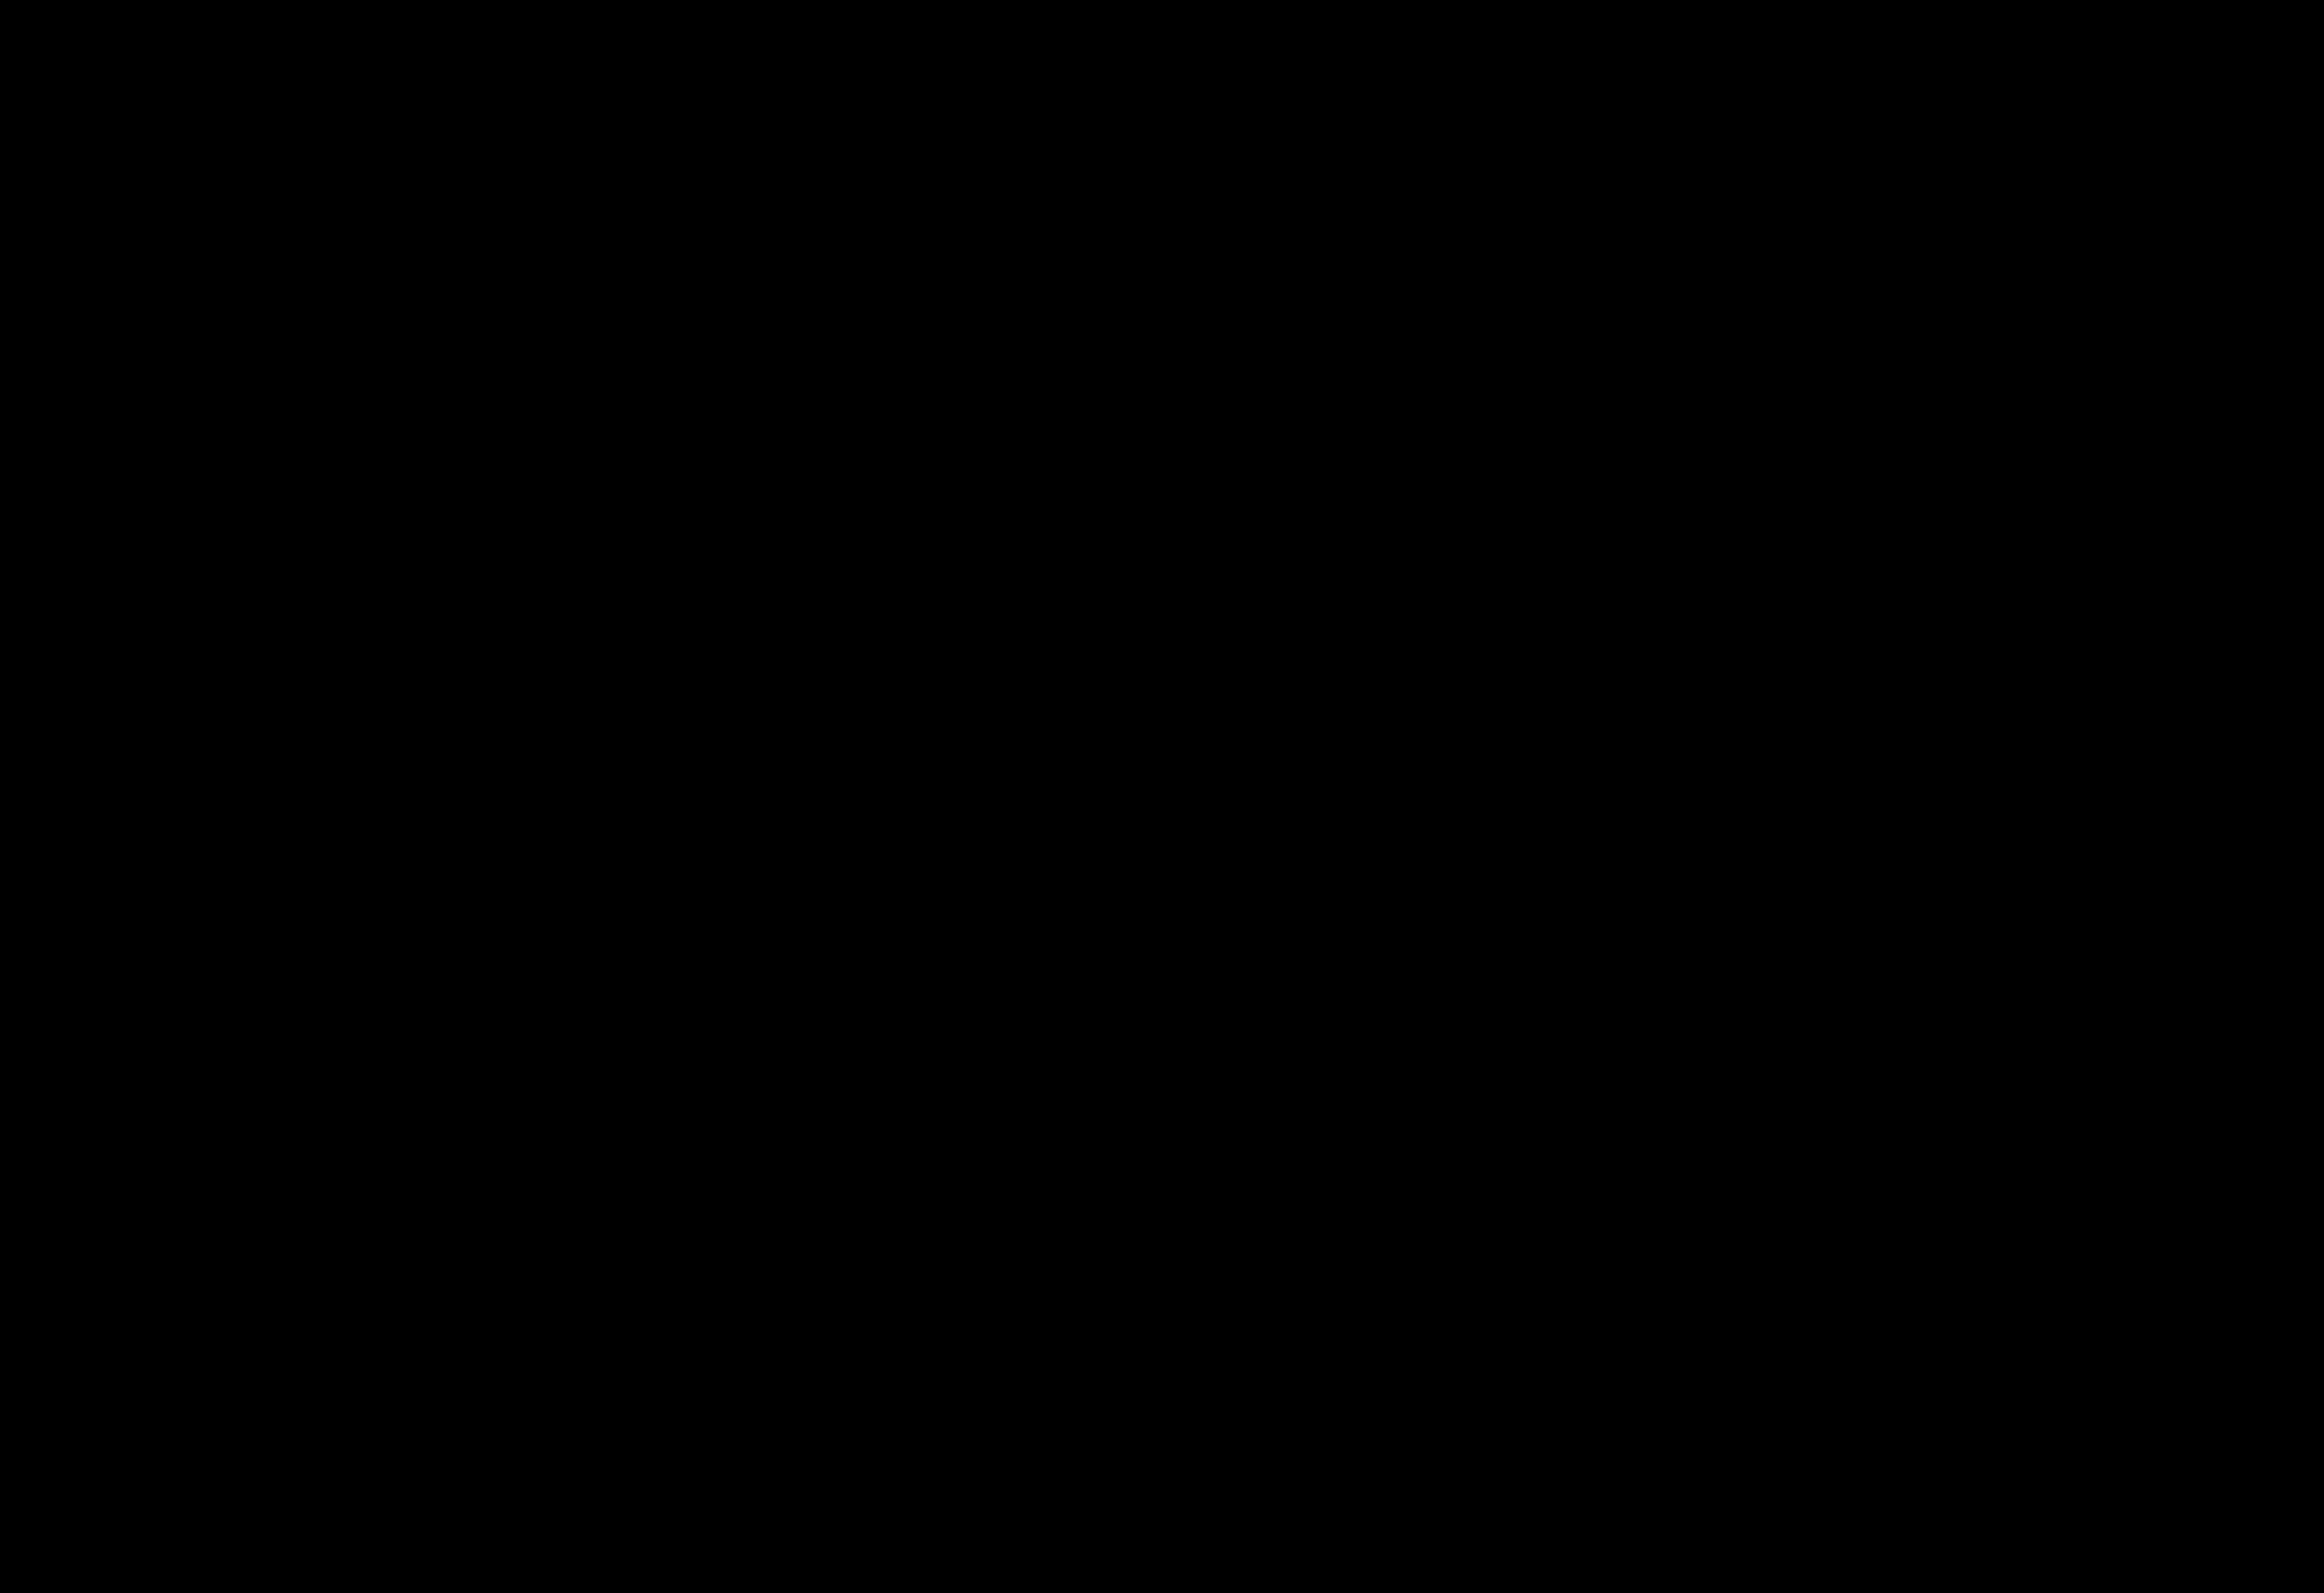 Kvarken Space Center